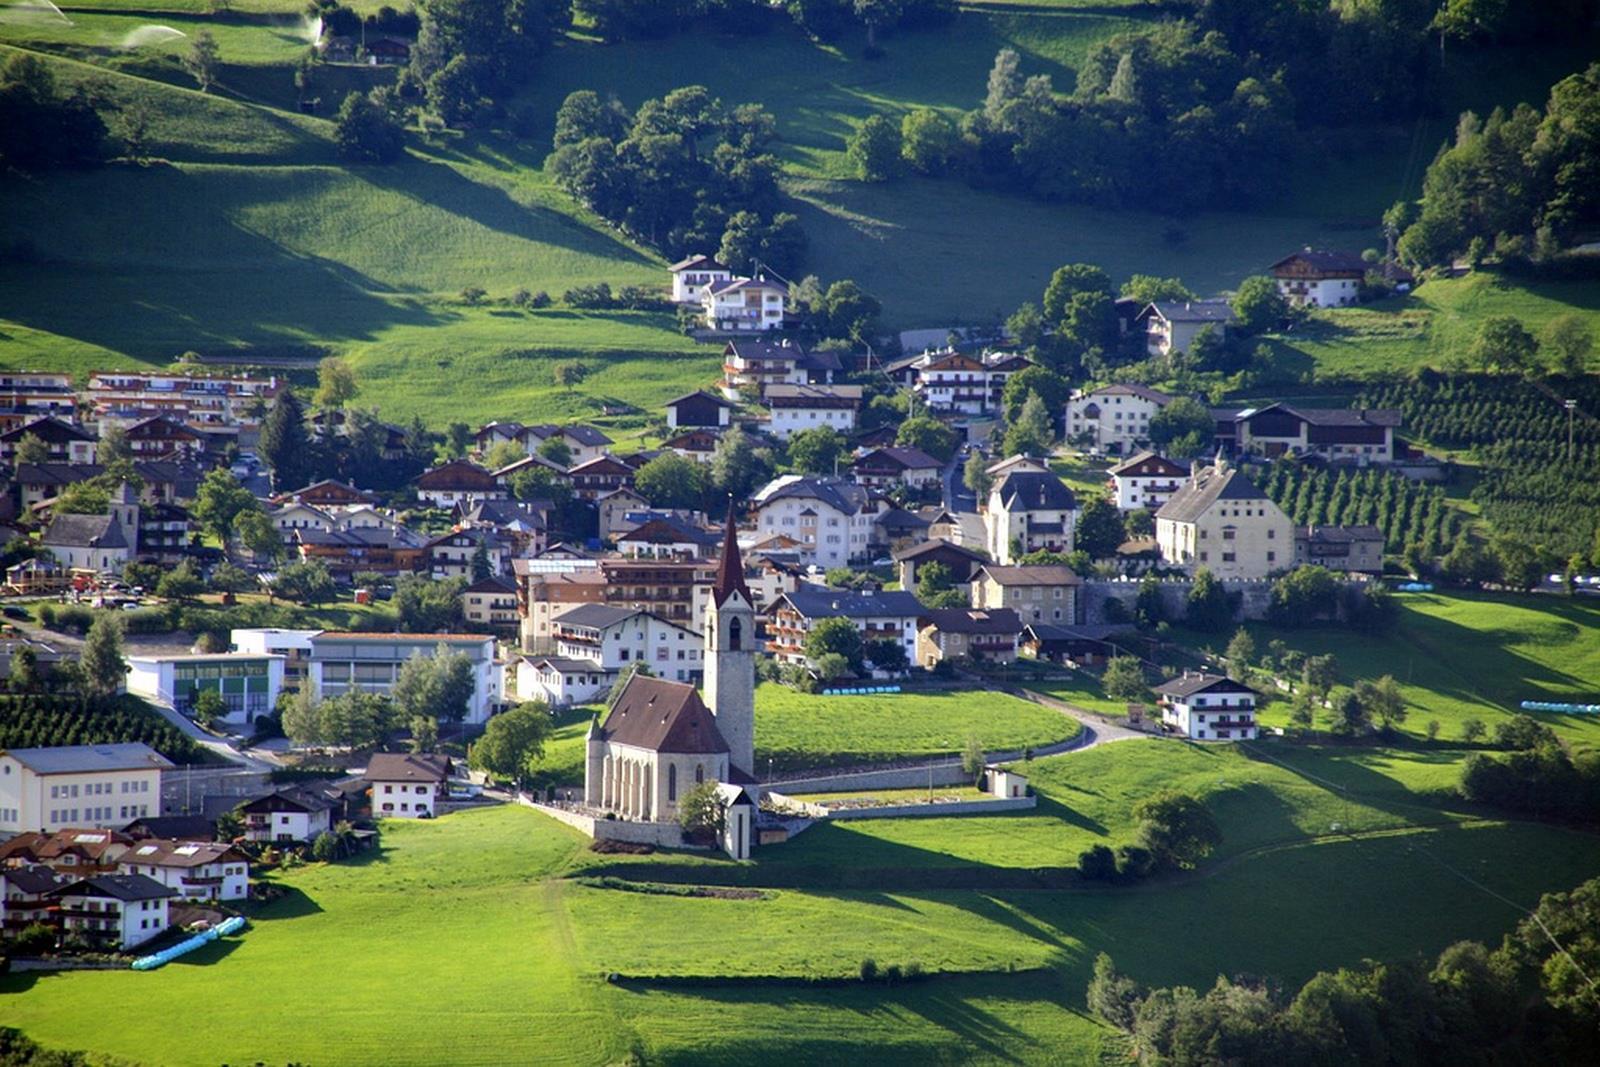 Feldthurns/Velturno - Schrambach/S.Pierto Mezzomonte - Feldthurns/Velturno